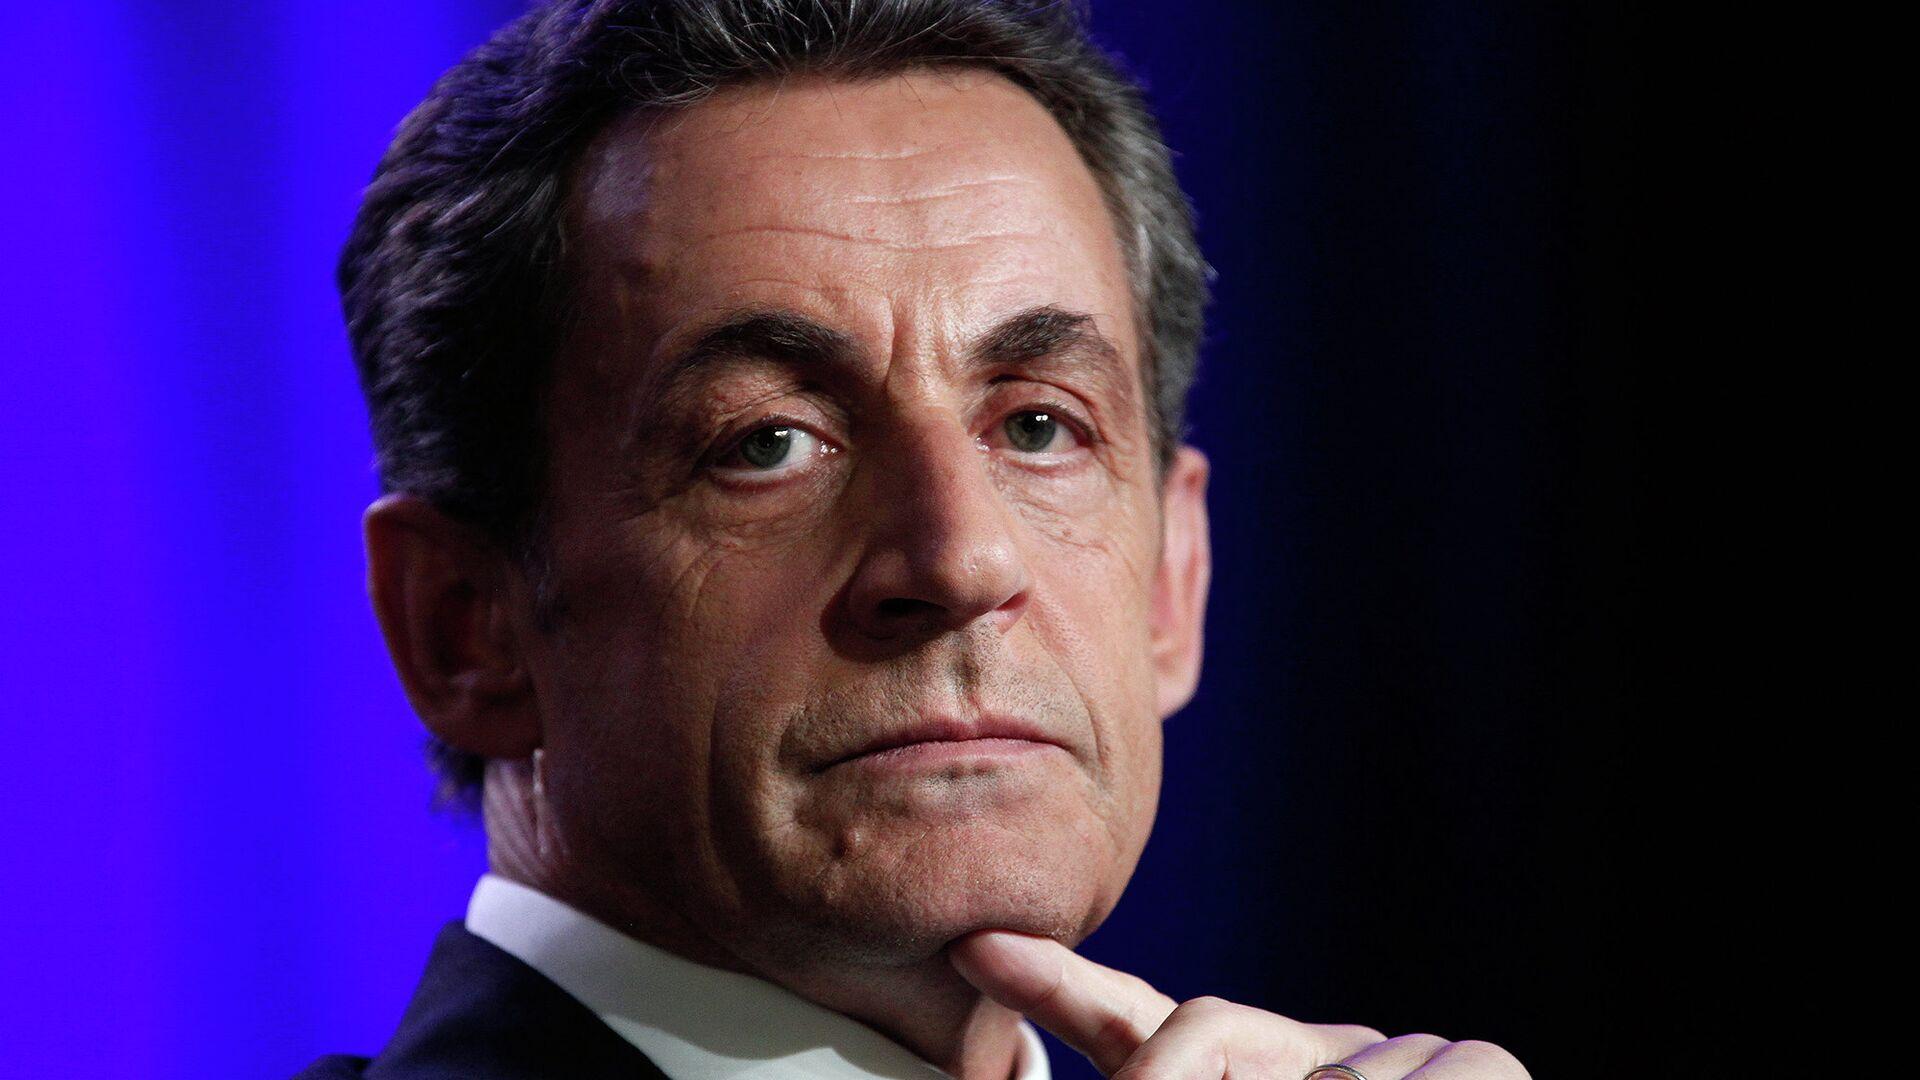 Экс-президент Франции Николя Саркози - РИА Новости, 1920, 28.11.2019